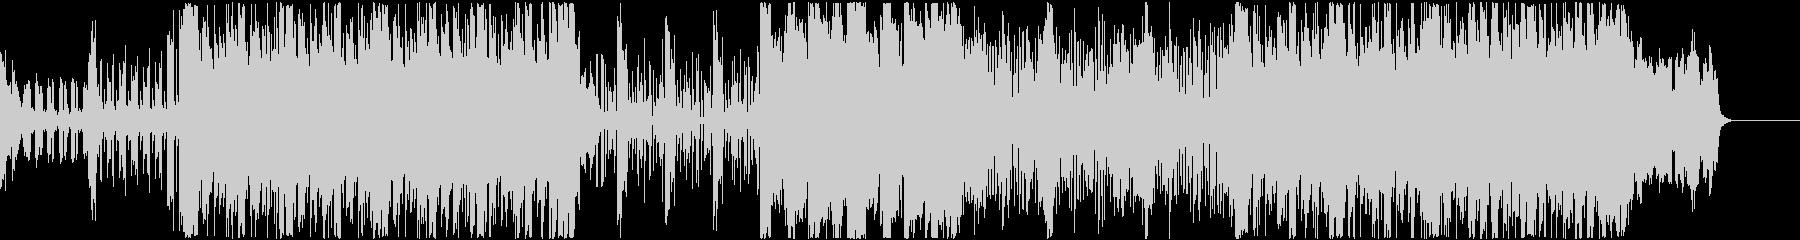 シンセに二胡をMIXしたロック調サウンドの未再生の波形